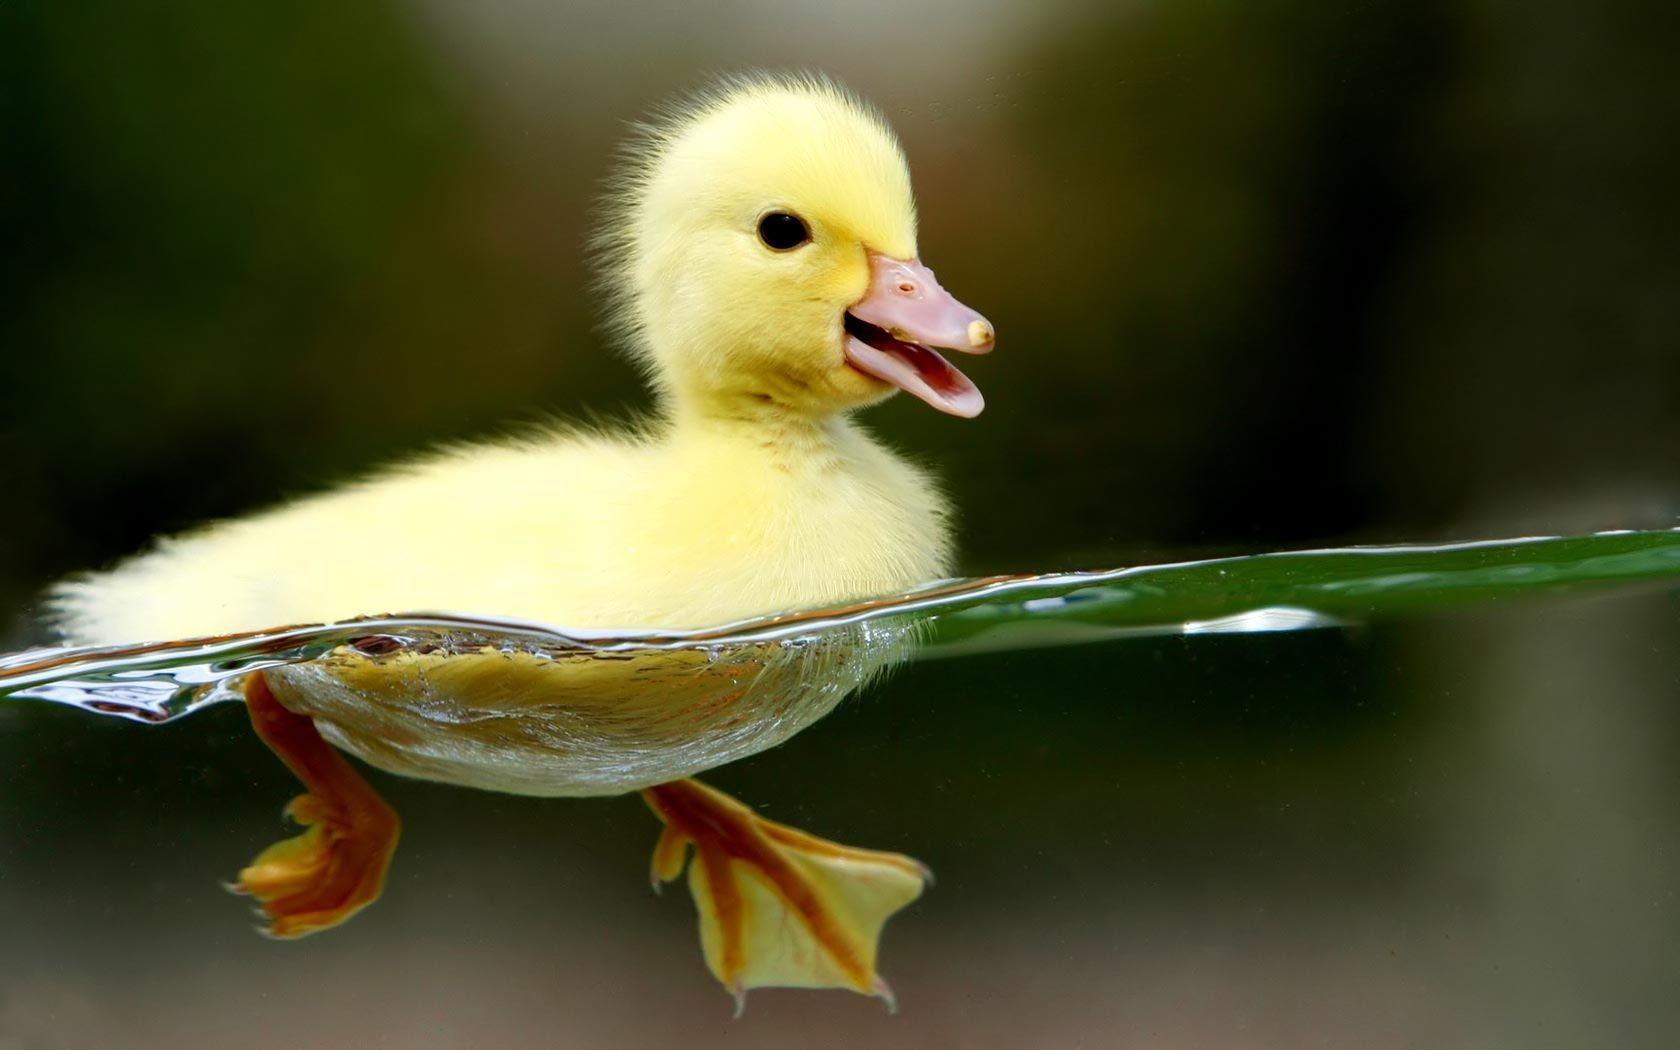 cute fluffy duckie